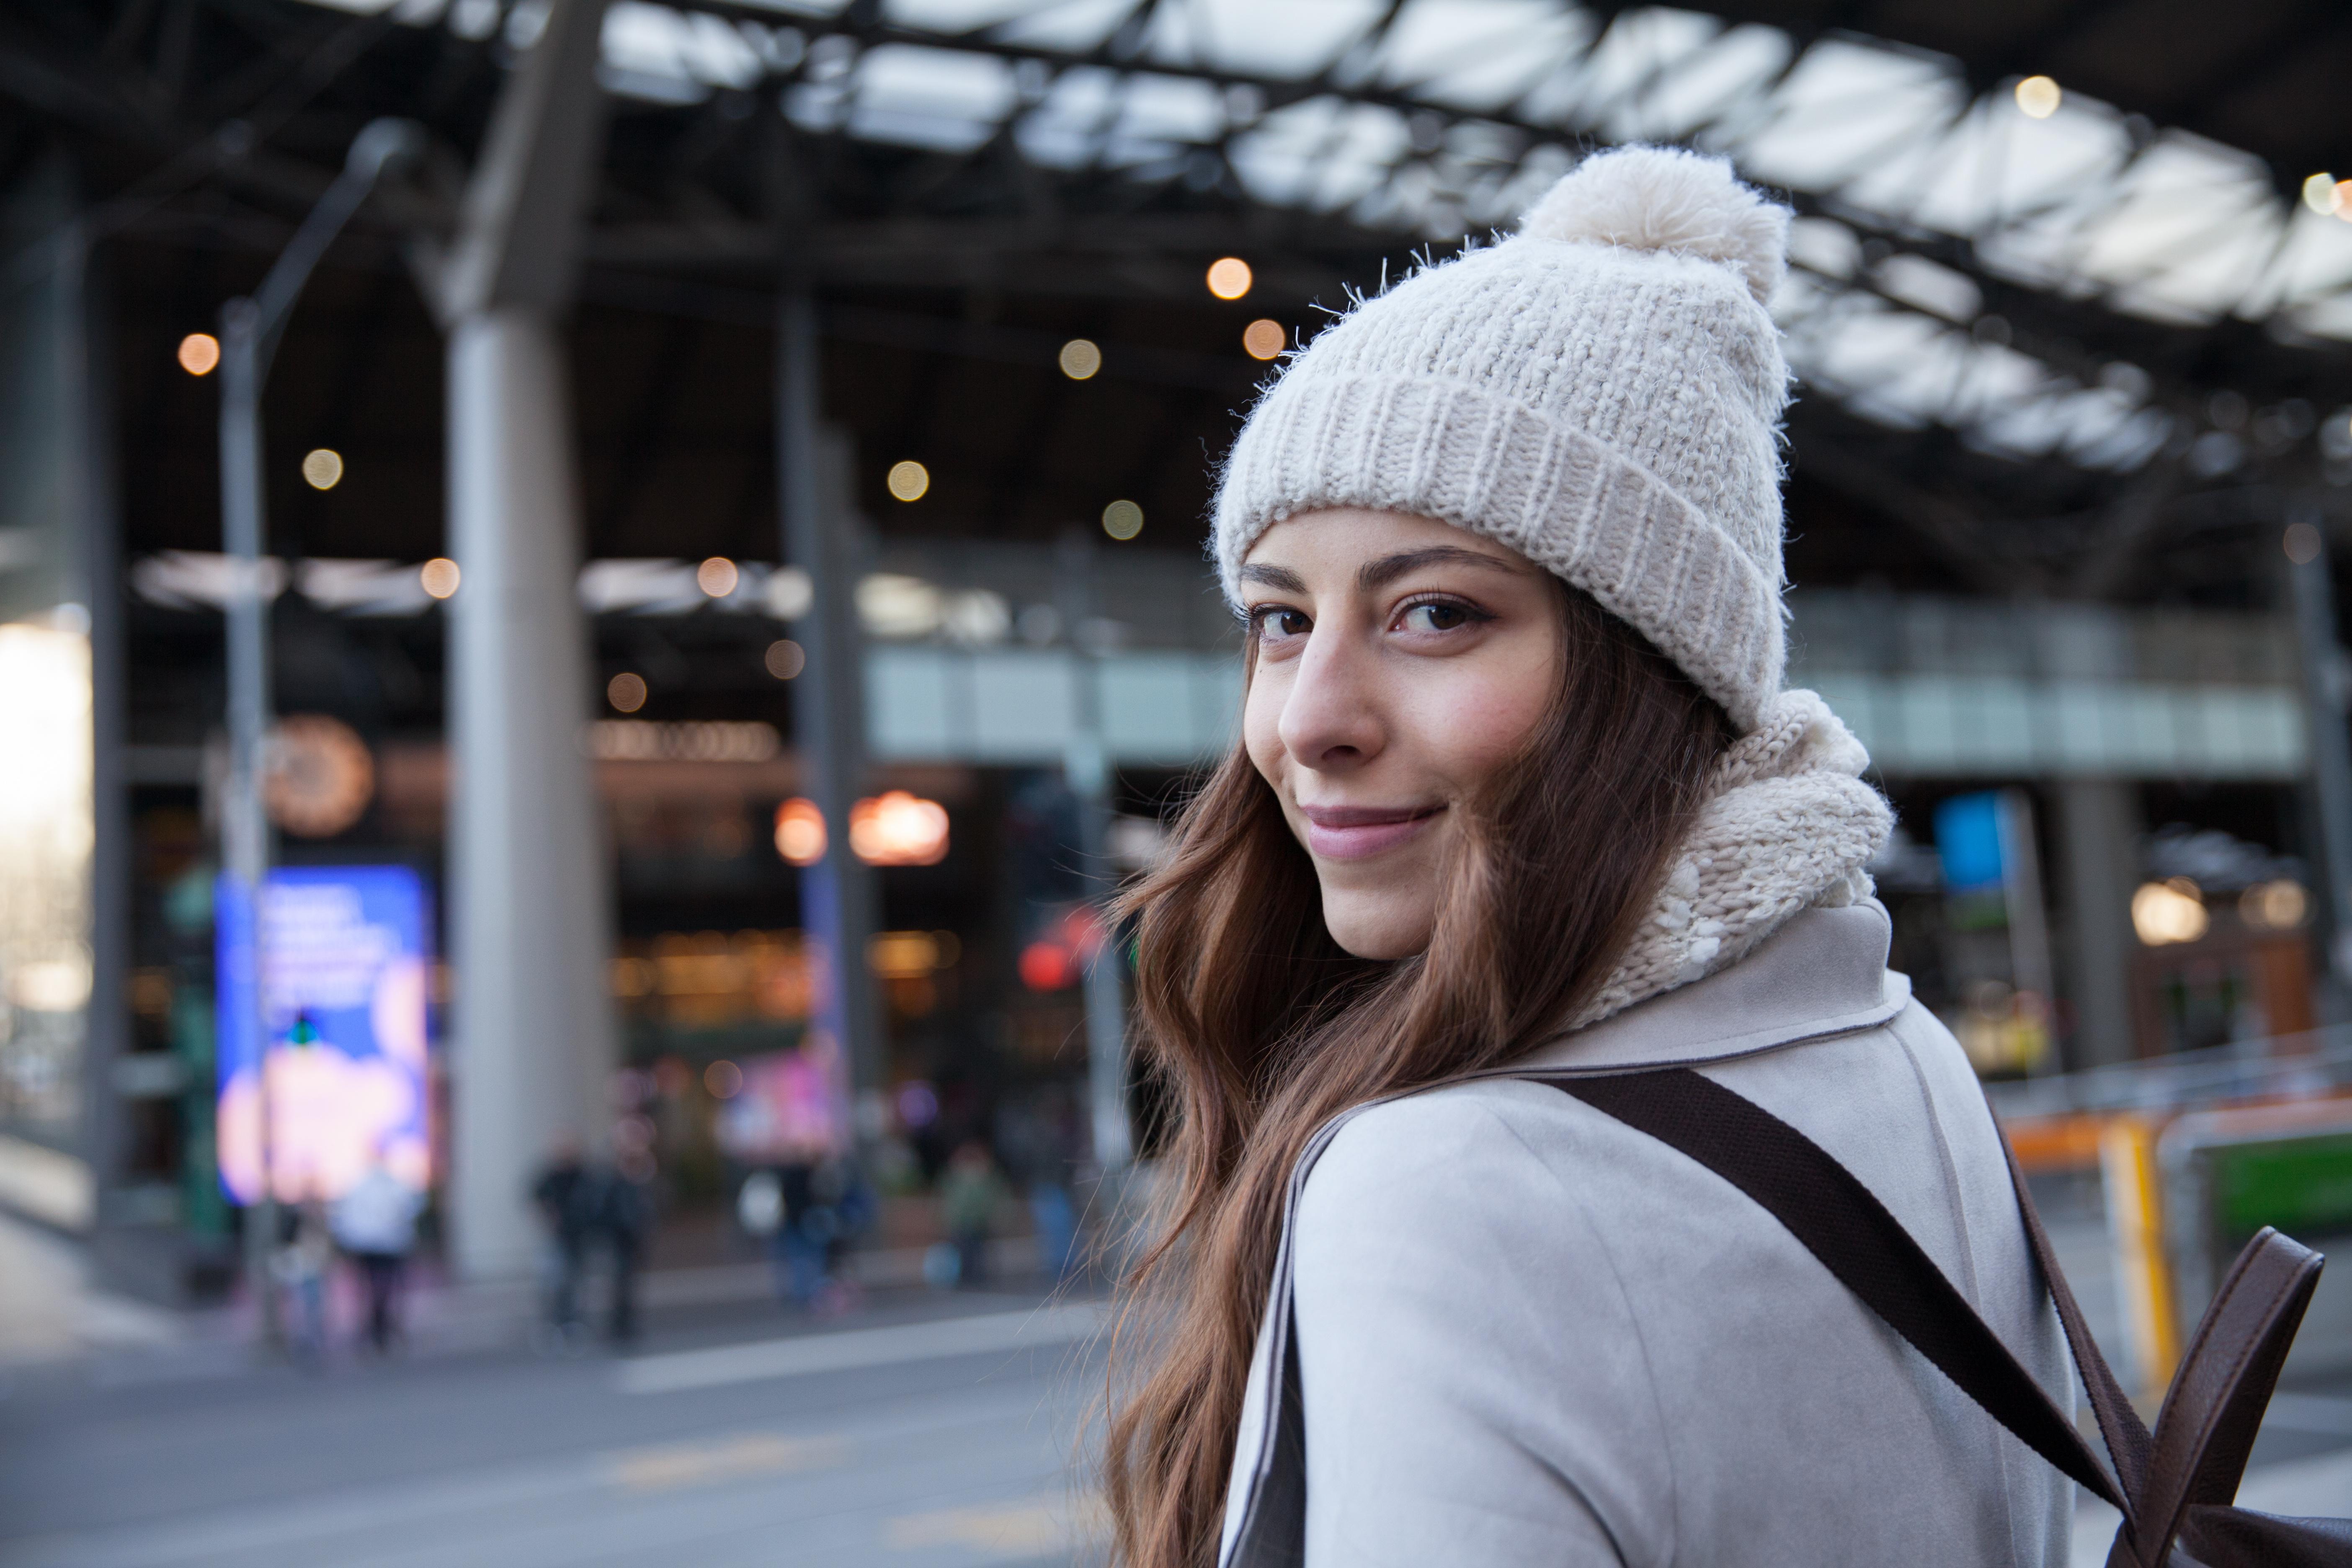 Junge Frau auf dem Weg zum Bahnhof